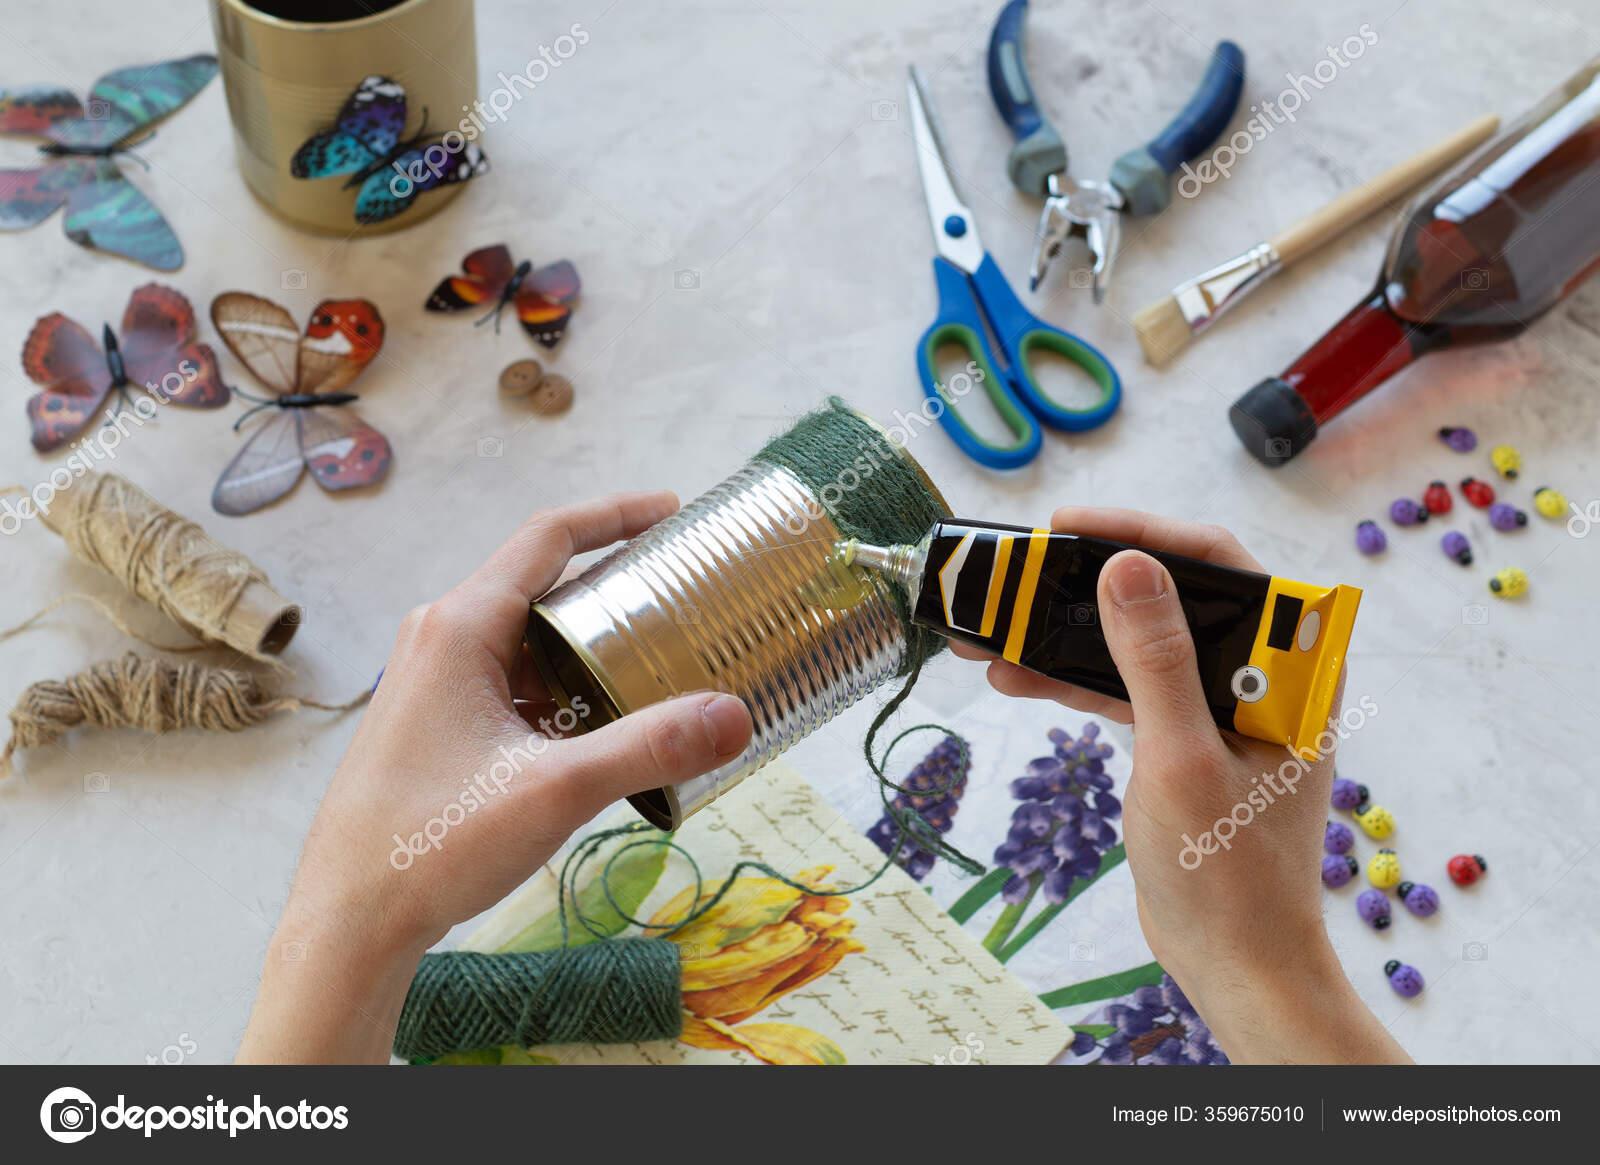 Decorating A Tin Can Creation Stock Photo C Beregina84 Mail Ru 359675010